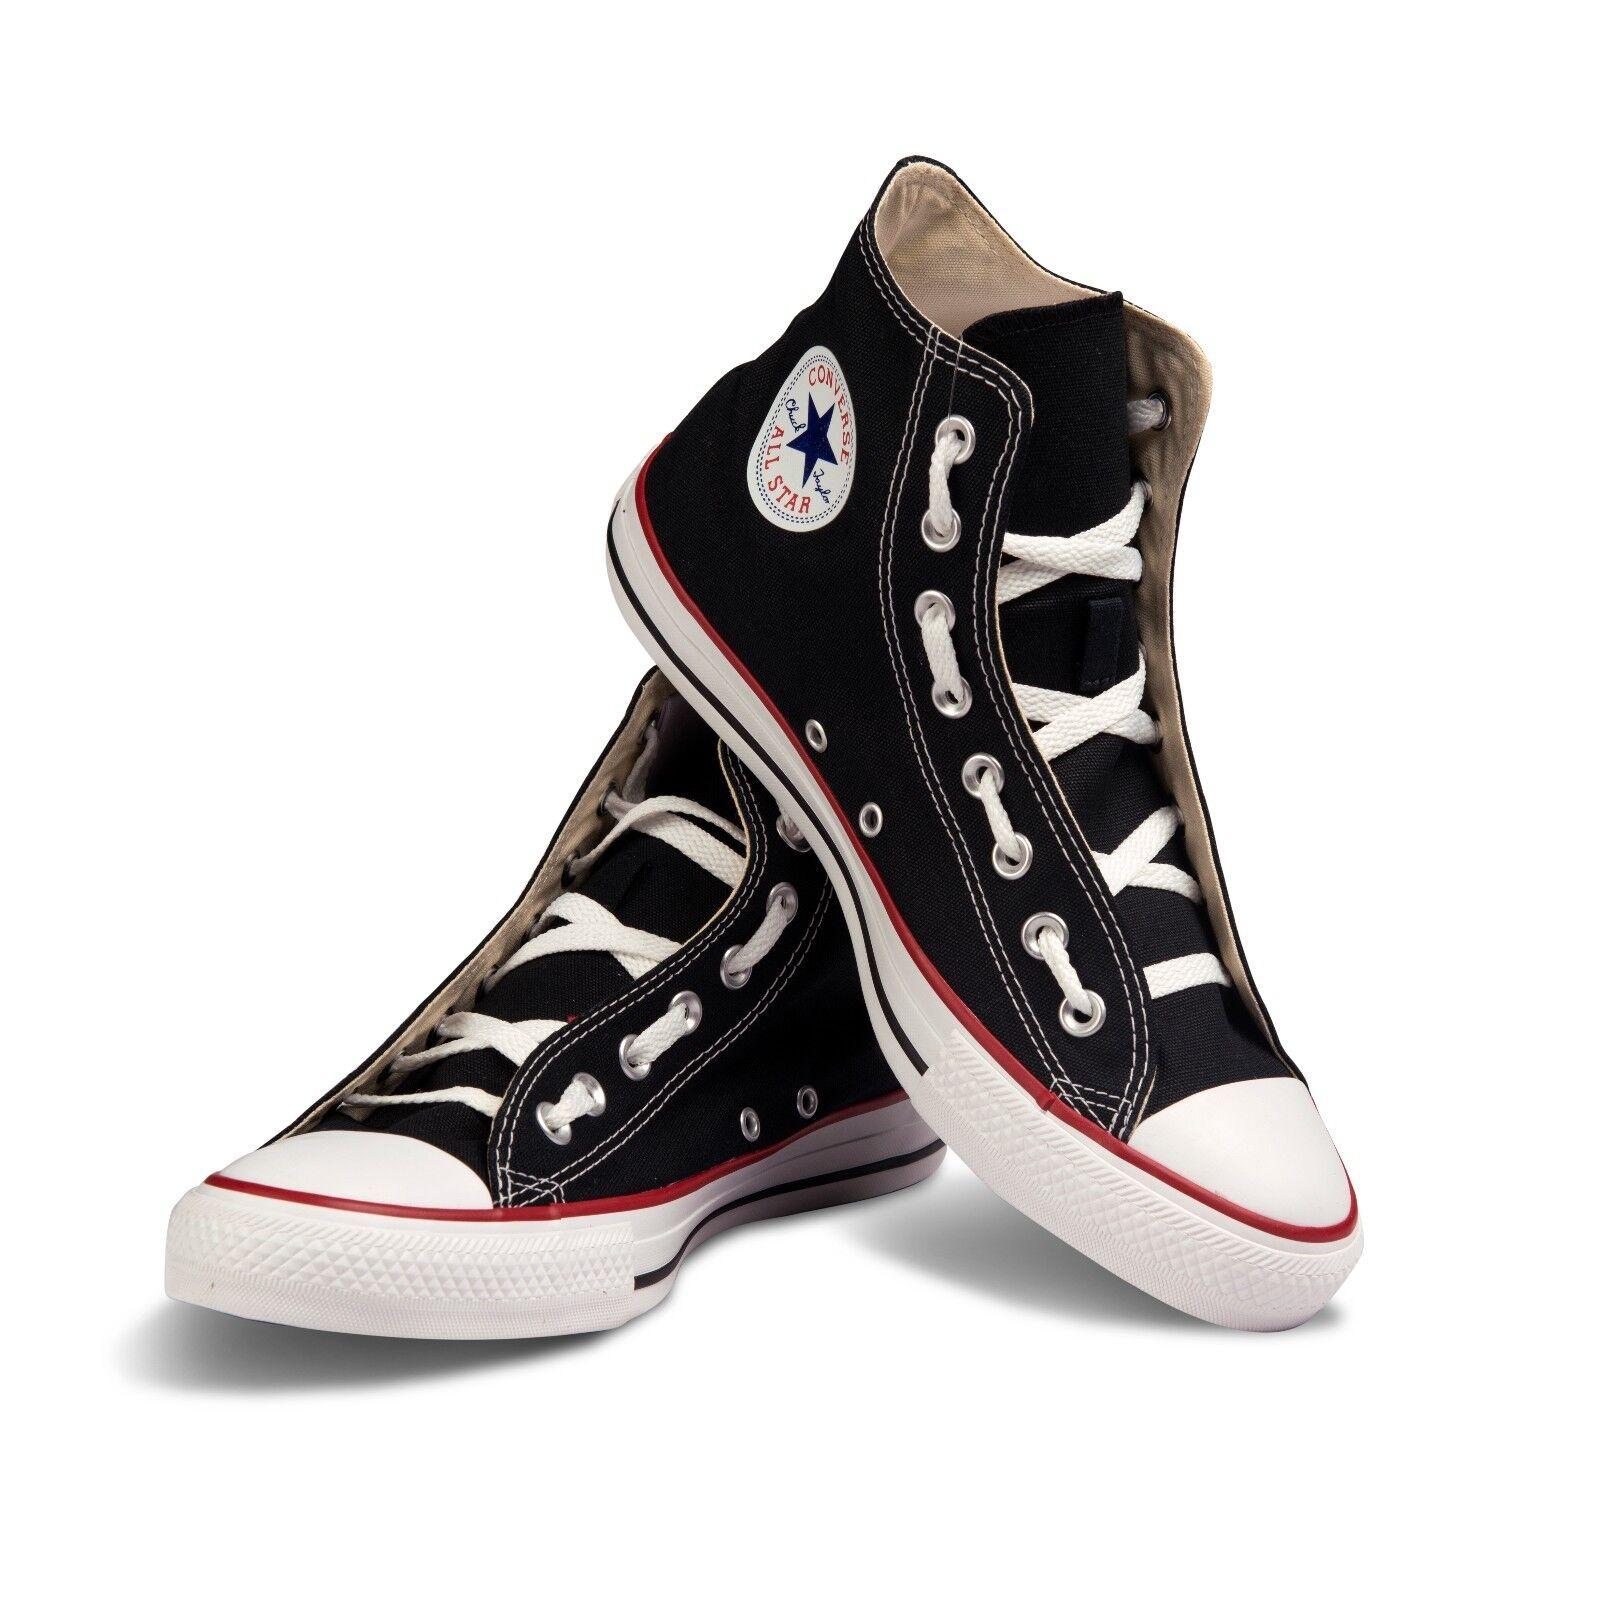 Converse Unisex Schwarz Chuck Taylor klassisch Hi Leinen Freizeit Sneakers OX